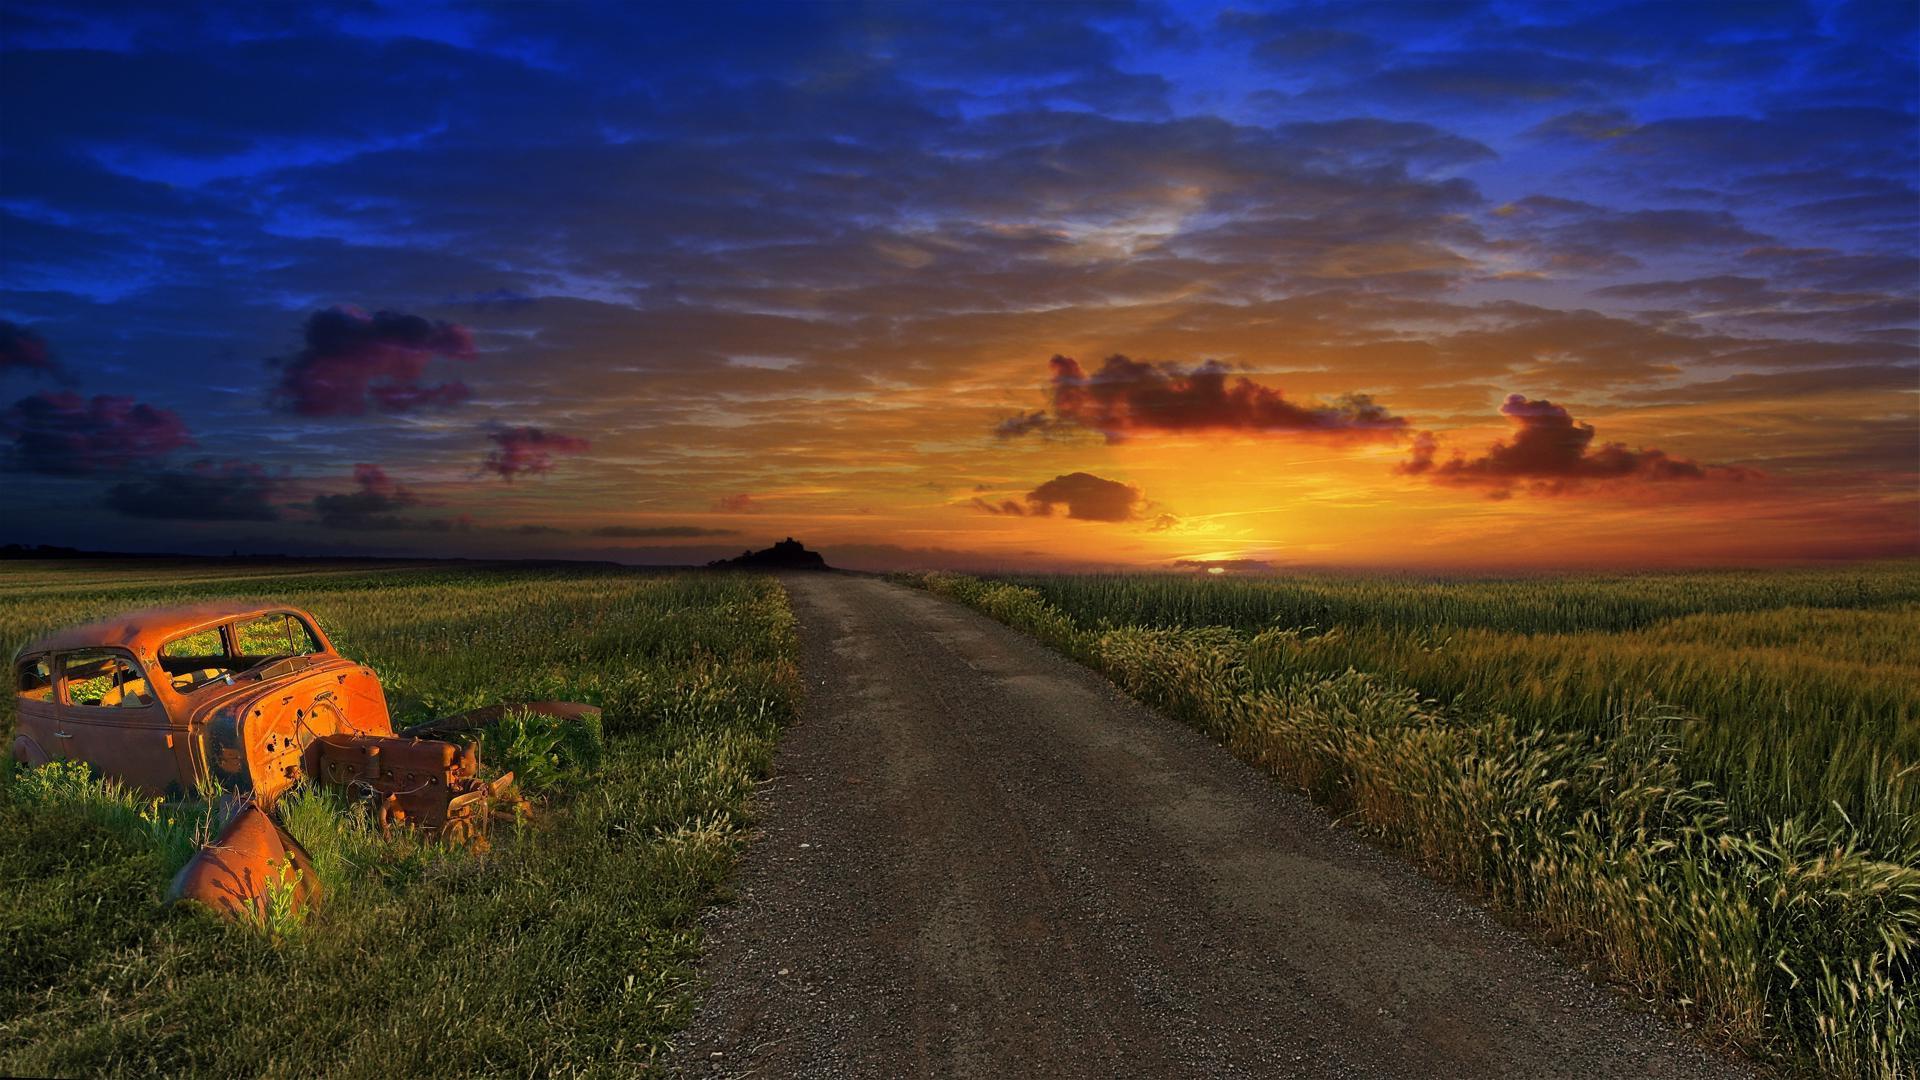 Splendidi paesaggi della natura per pc desktop android e for Immagini natura gratis